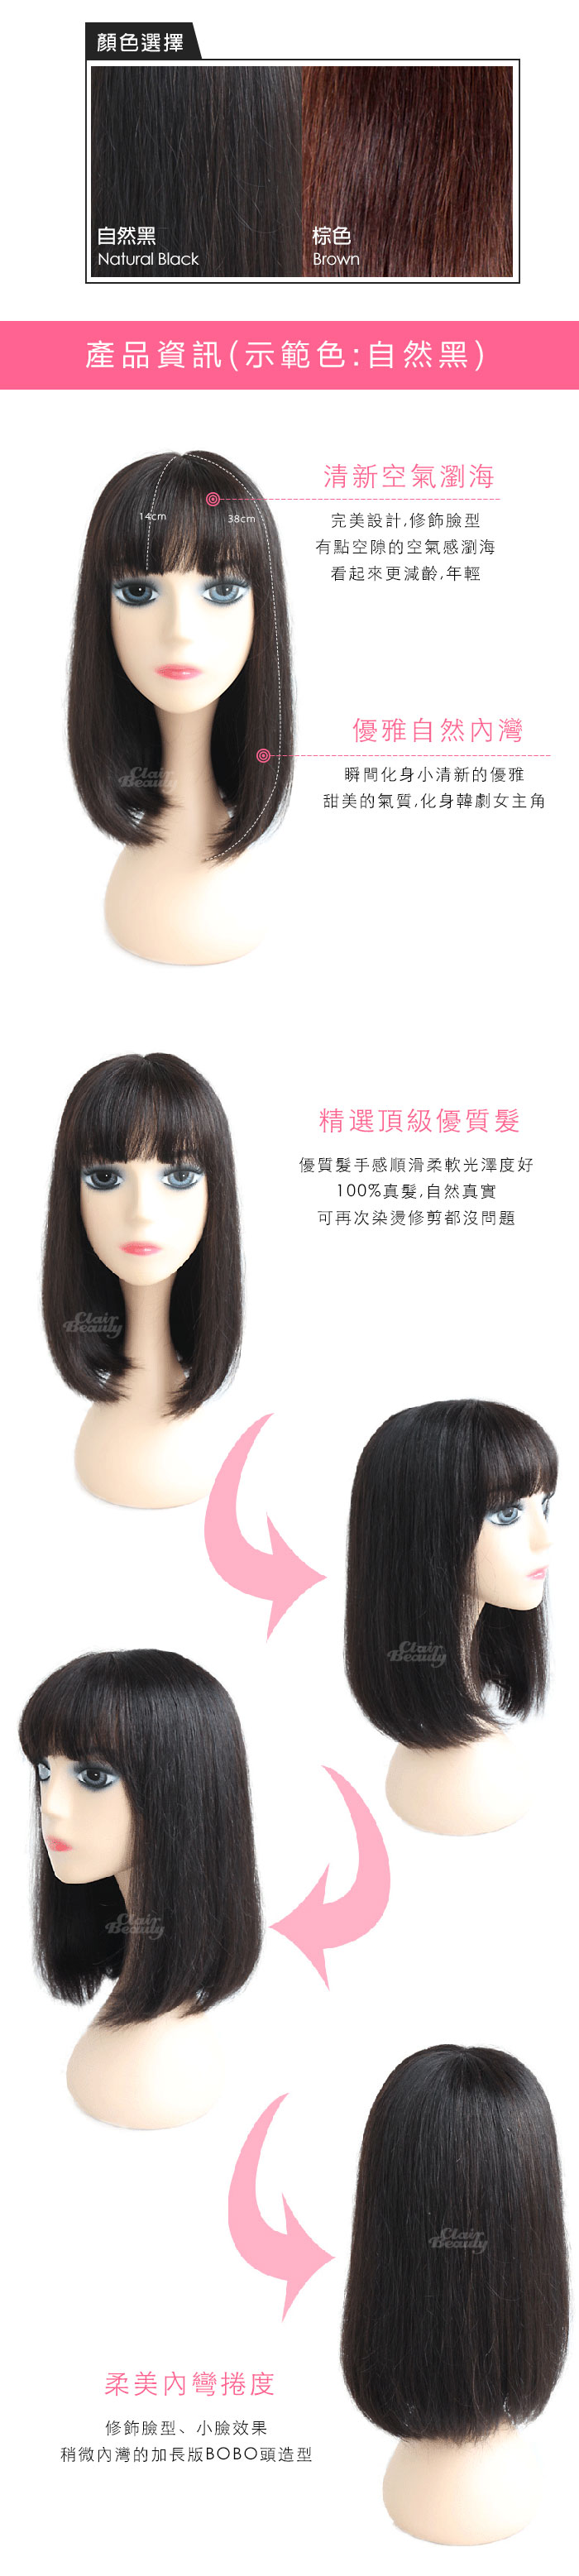 宋慧喬款清新空氣瀏海優雅直髮100%真髮可染可燙整頂真髮假髮雙兒網